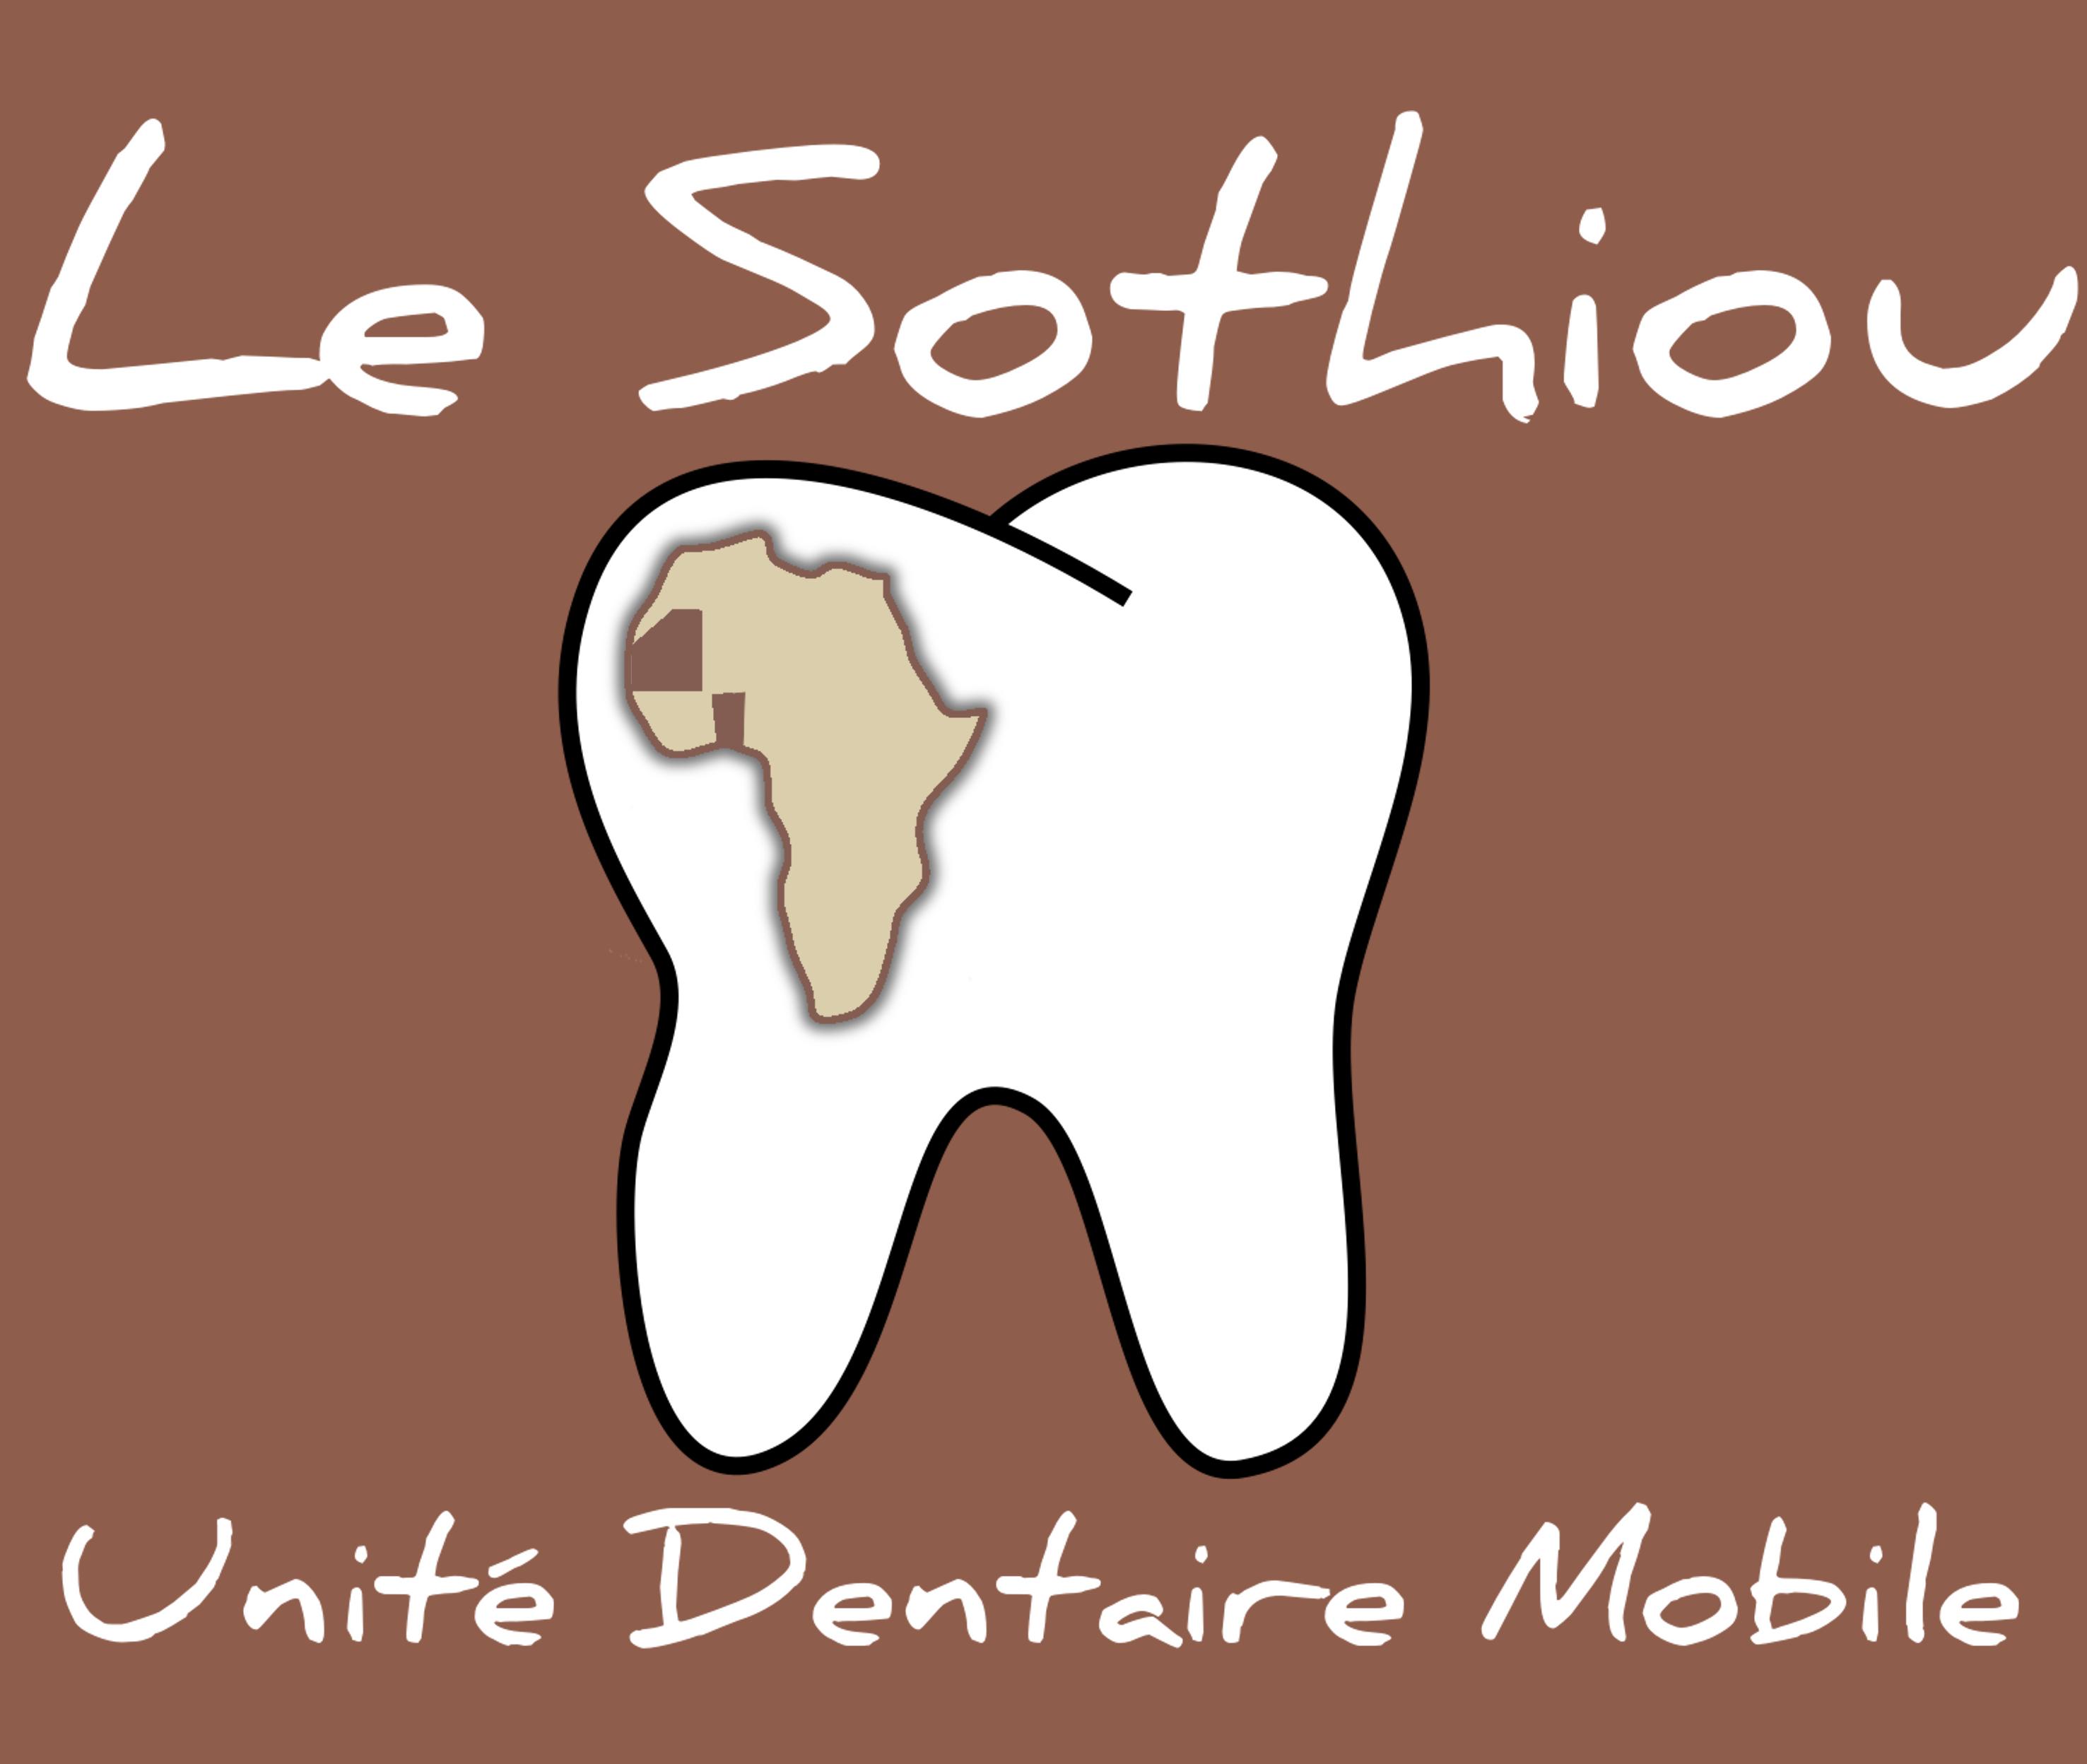 Le Sothiou